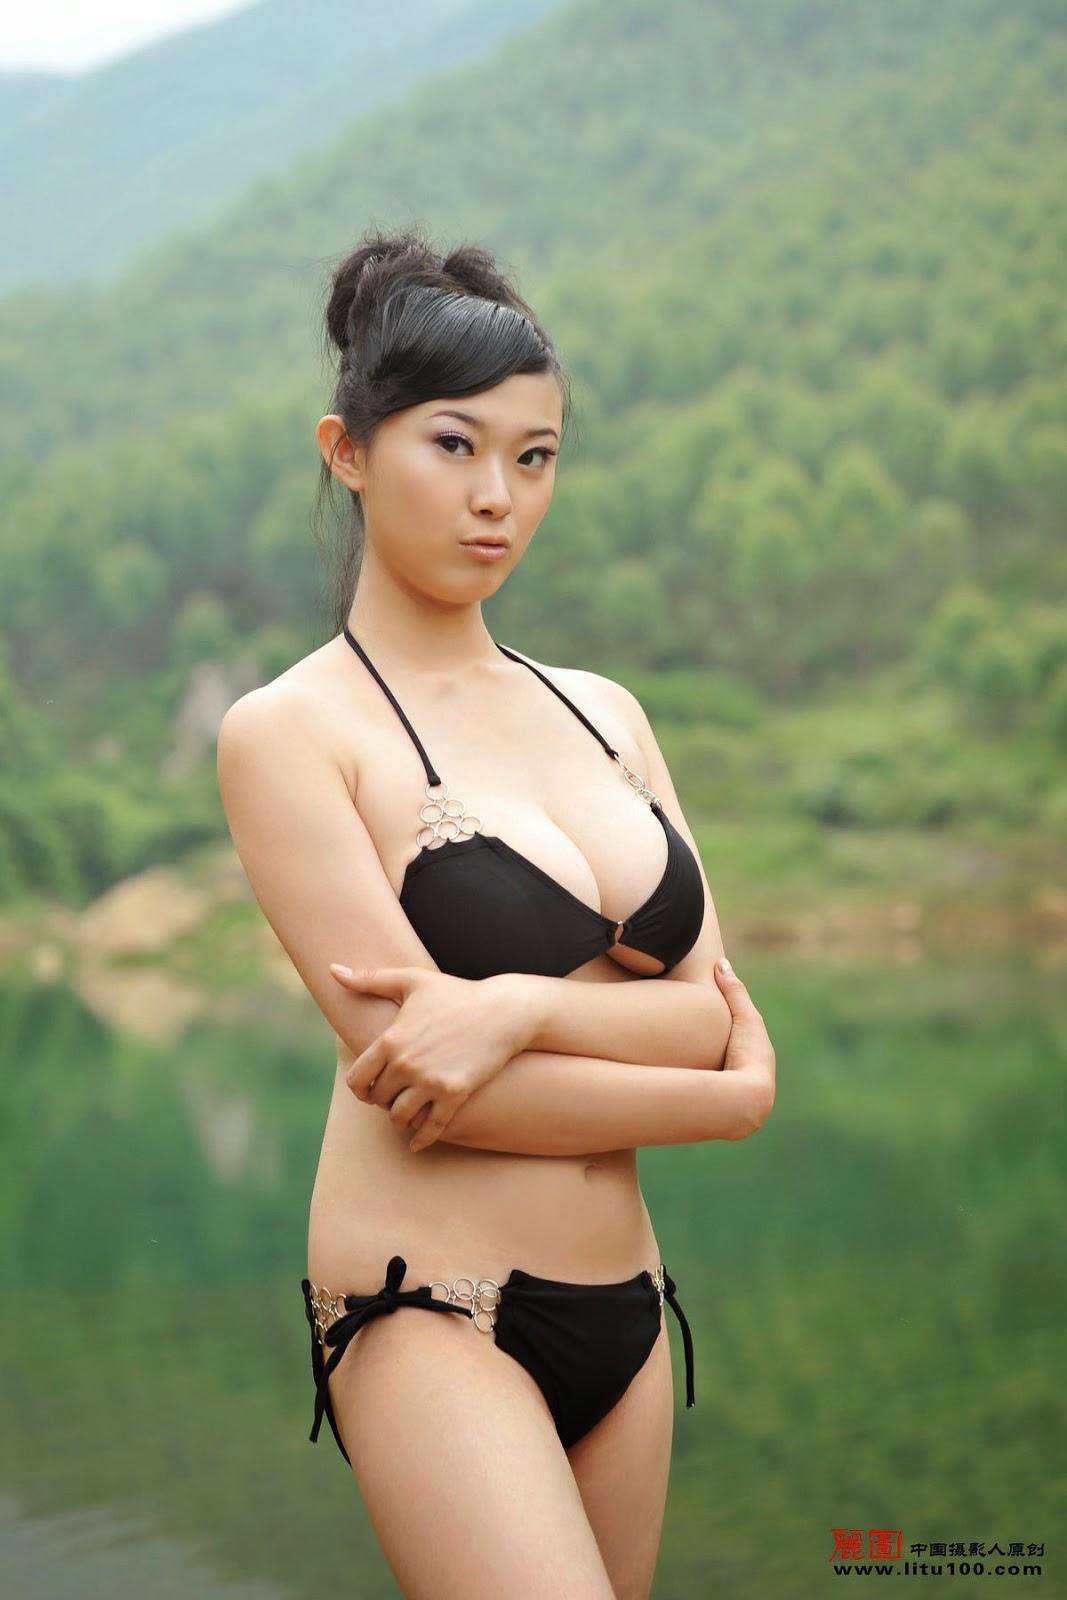 Chinese Nude Model Fala Li 2 [Litu100] | chinesenudeart